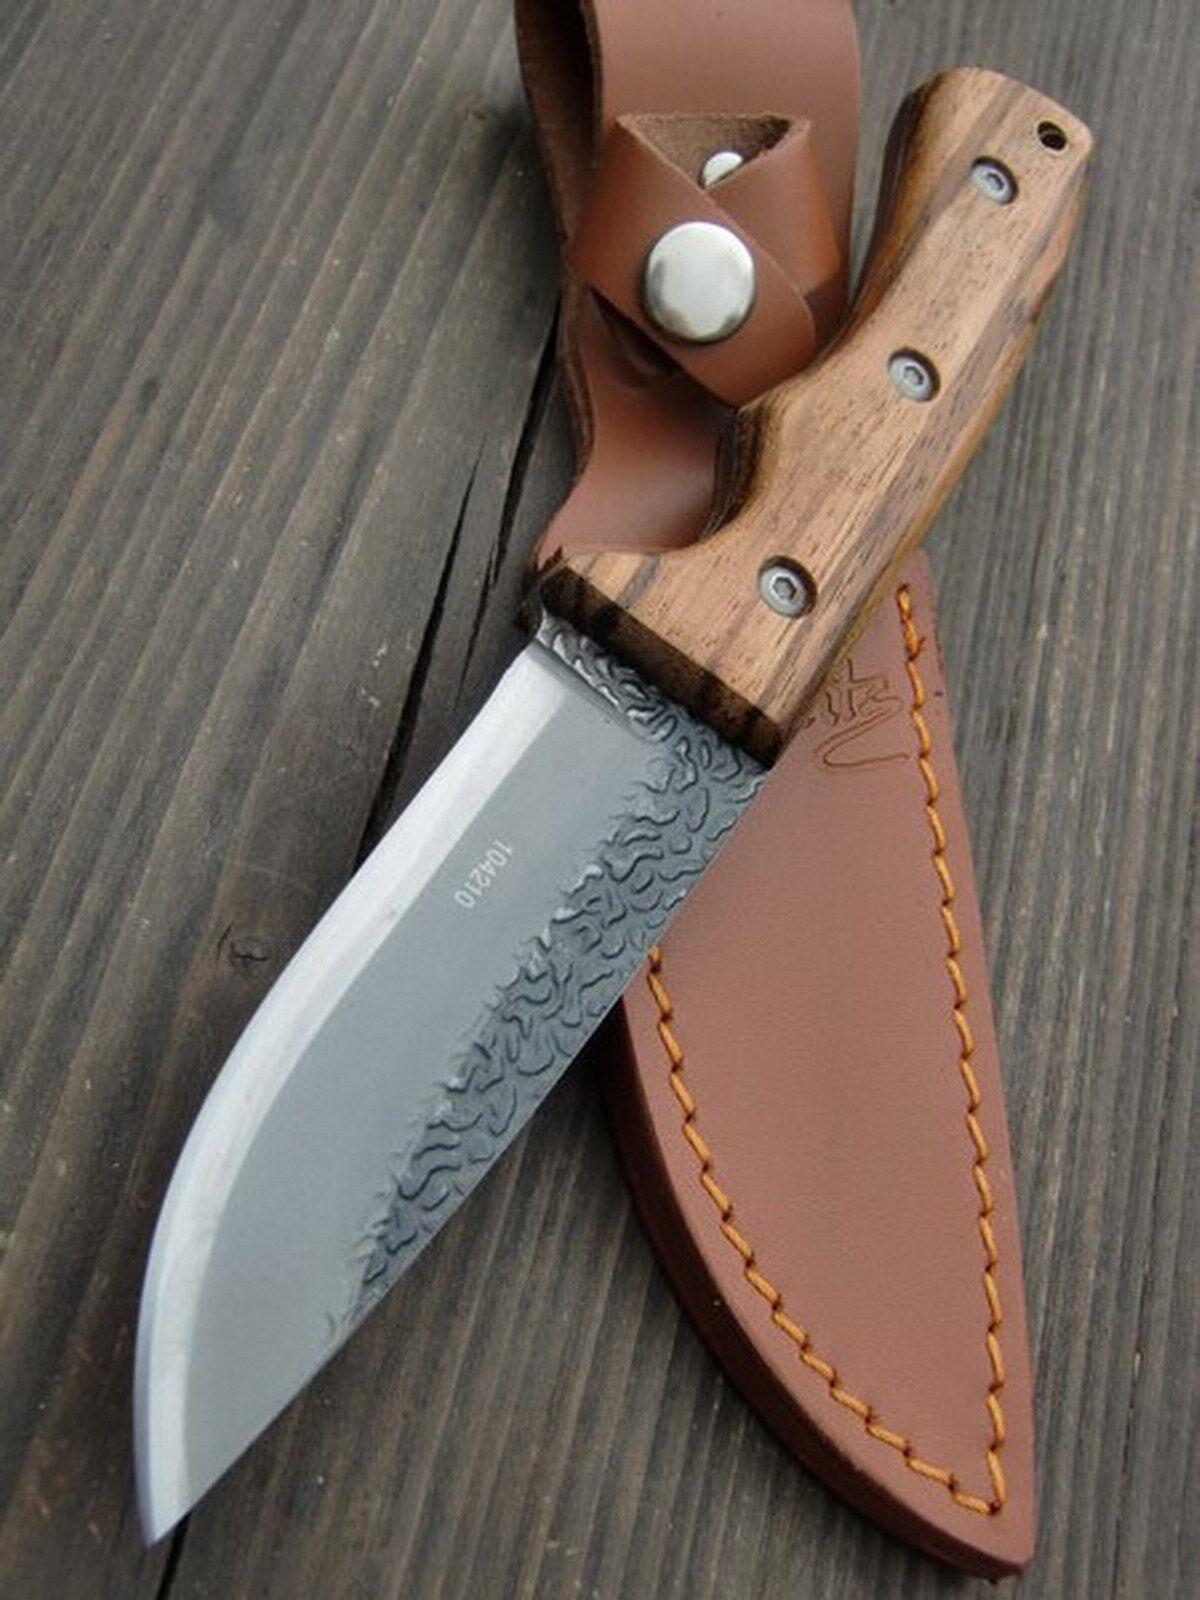 HERBERTZ - Jagdmesser Messer Messer Messer - Gürtelmesser Fahrtenmesser + Lederscheide -104210 d47c42